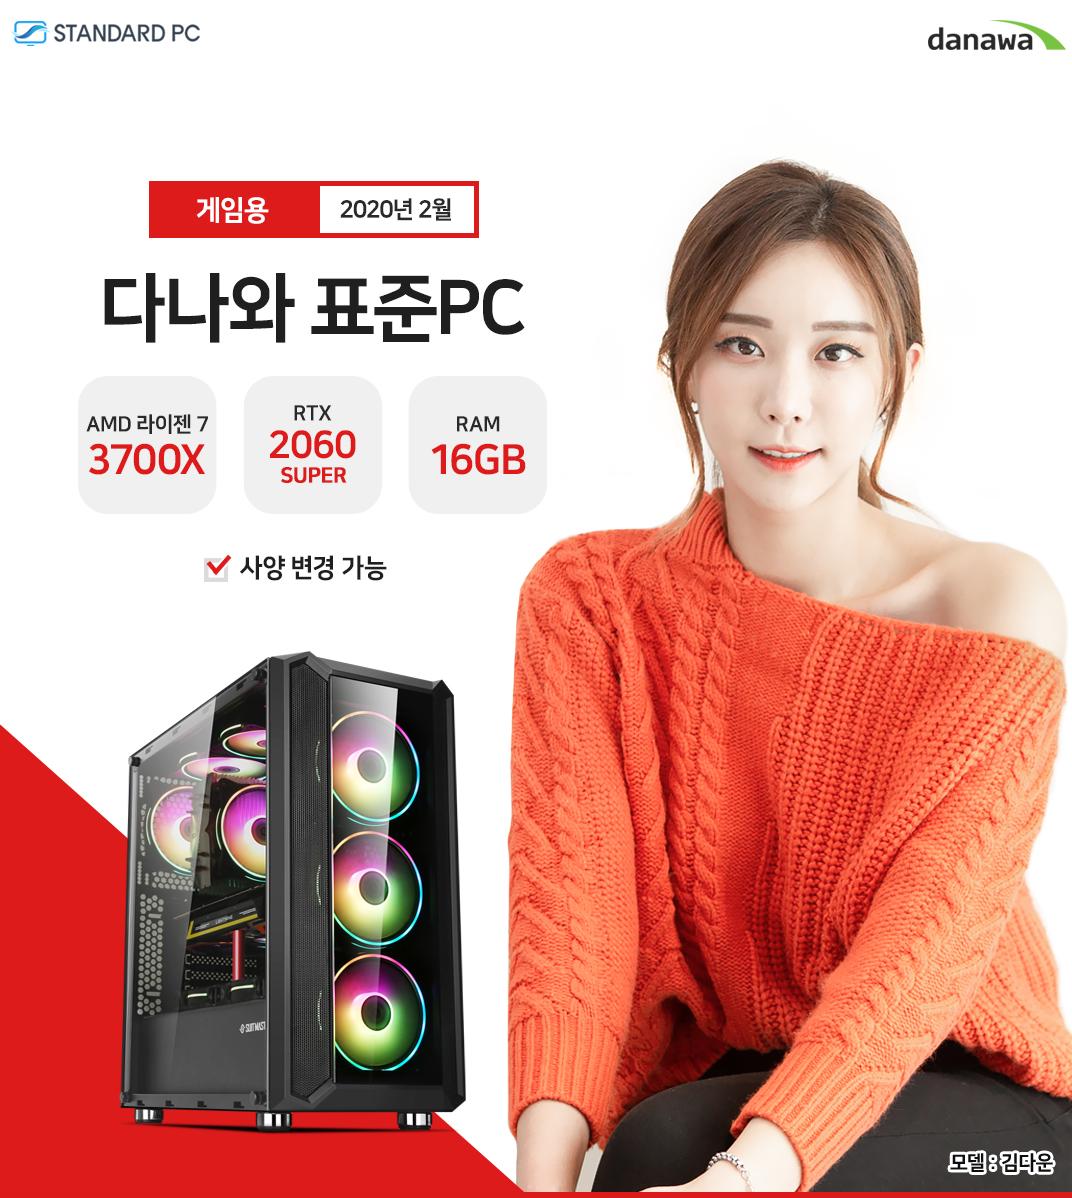 2020년 02월 다나와 표준PC 게임용 AMD 라이젠 7 3700X X570  RAM 16G 모델 송주아